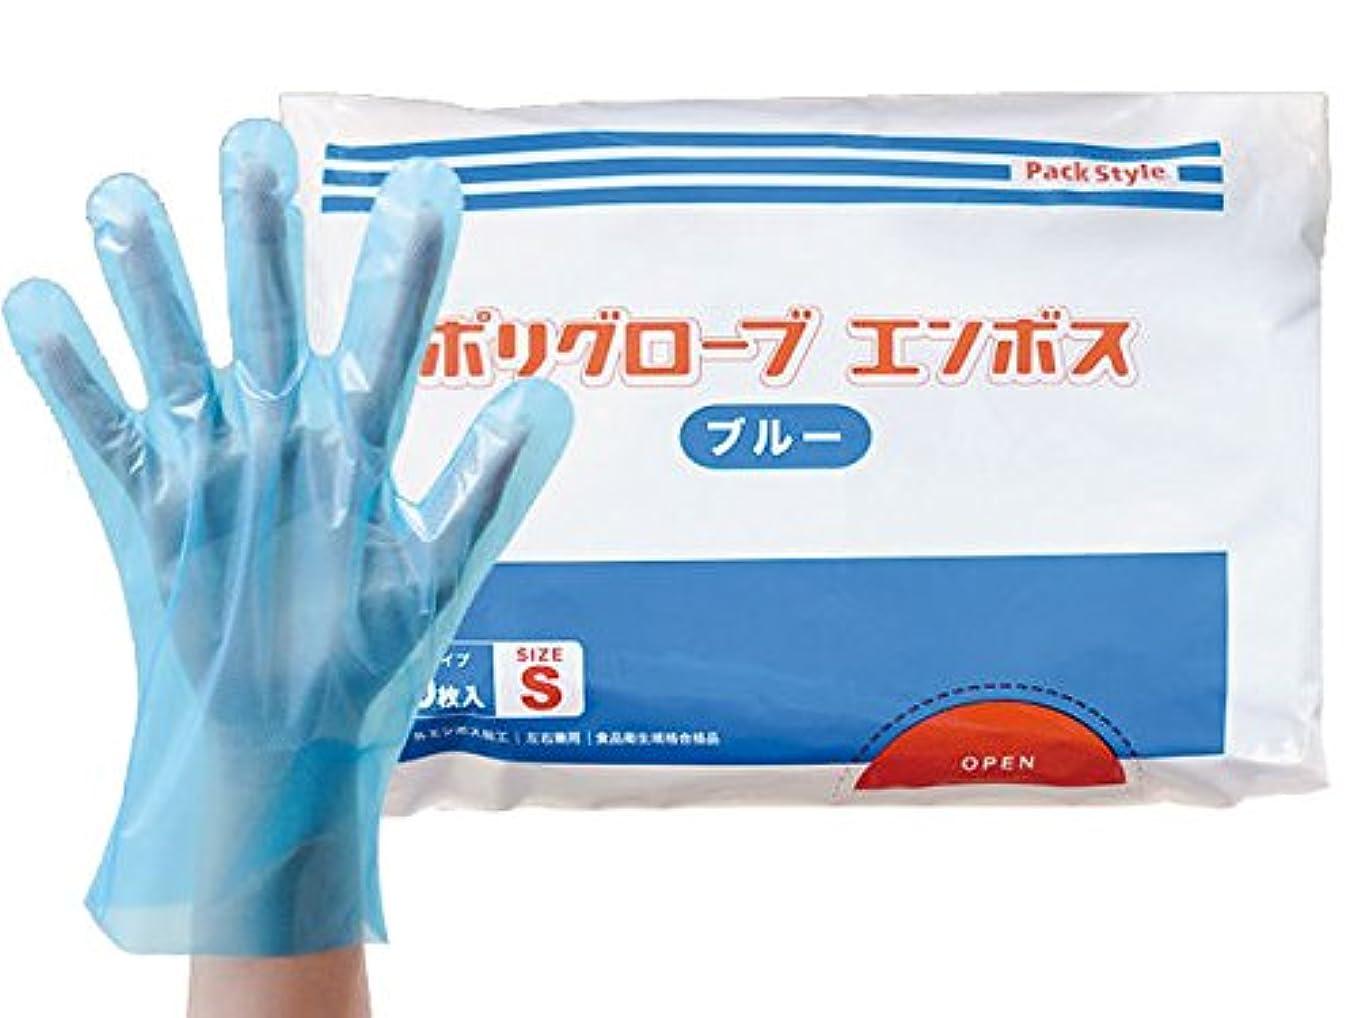 狂気トラフ予測パックスタイル 使い捨て ポリ手袋 ブルー 袋入 SS 6000枚 00437324